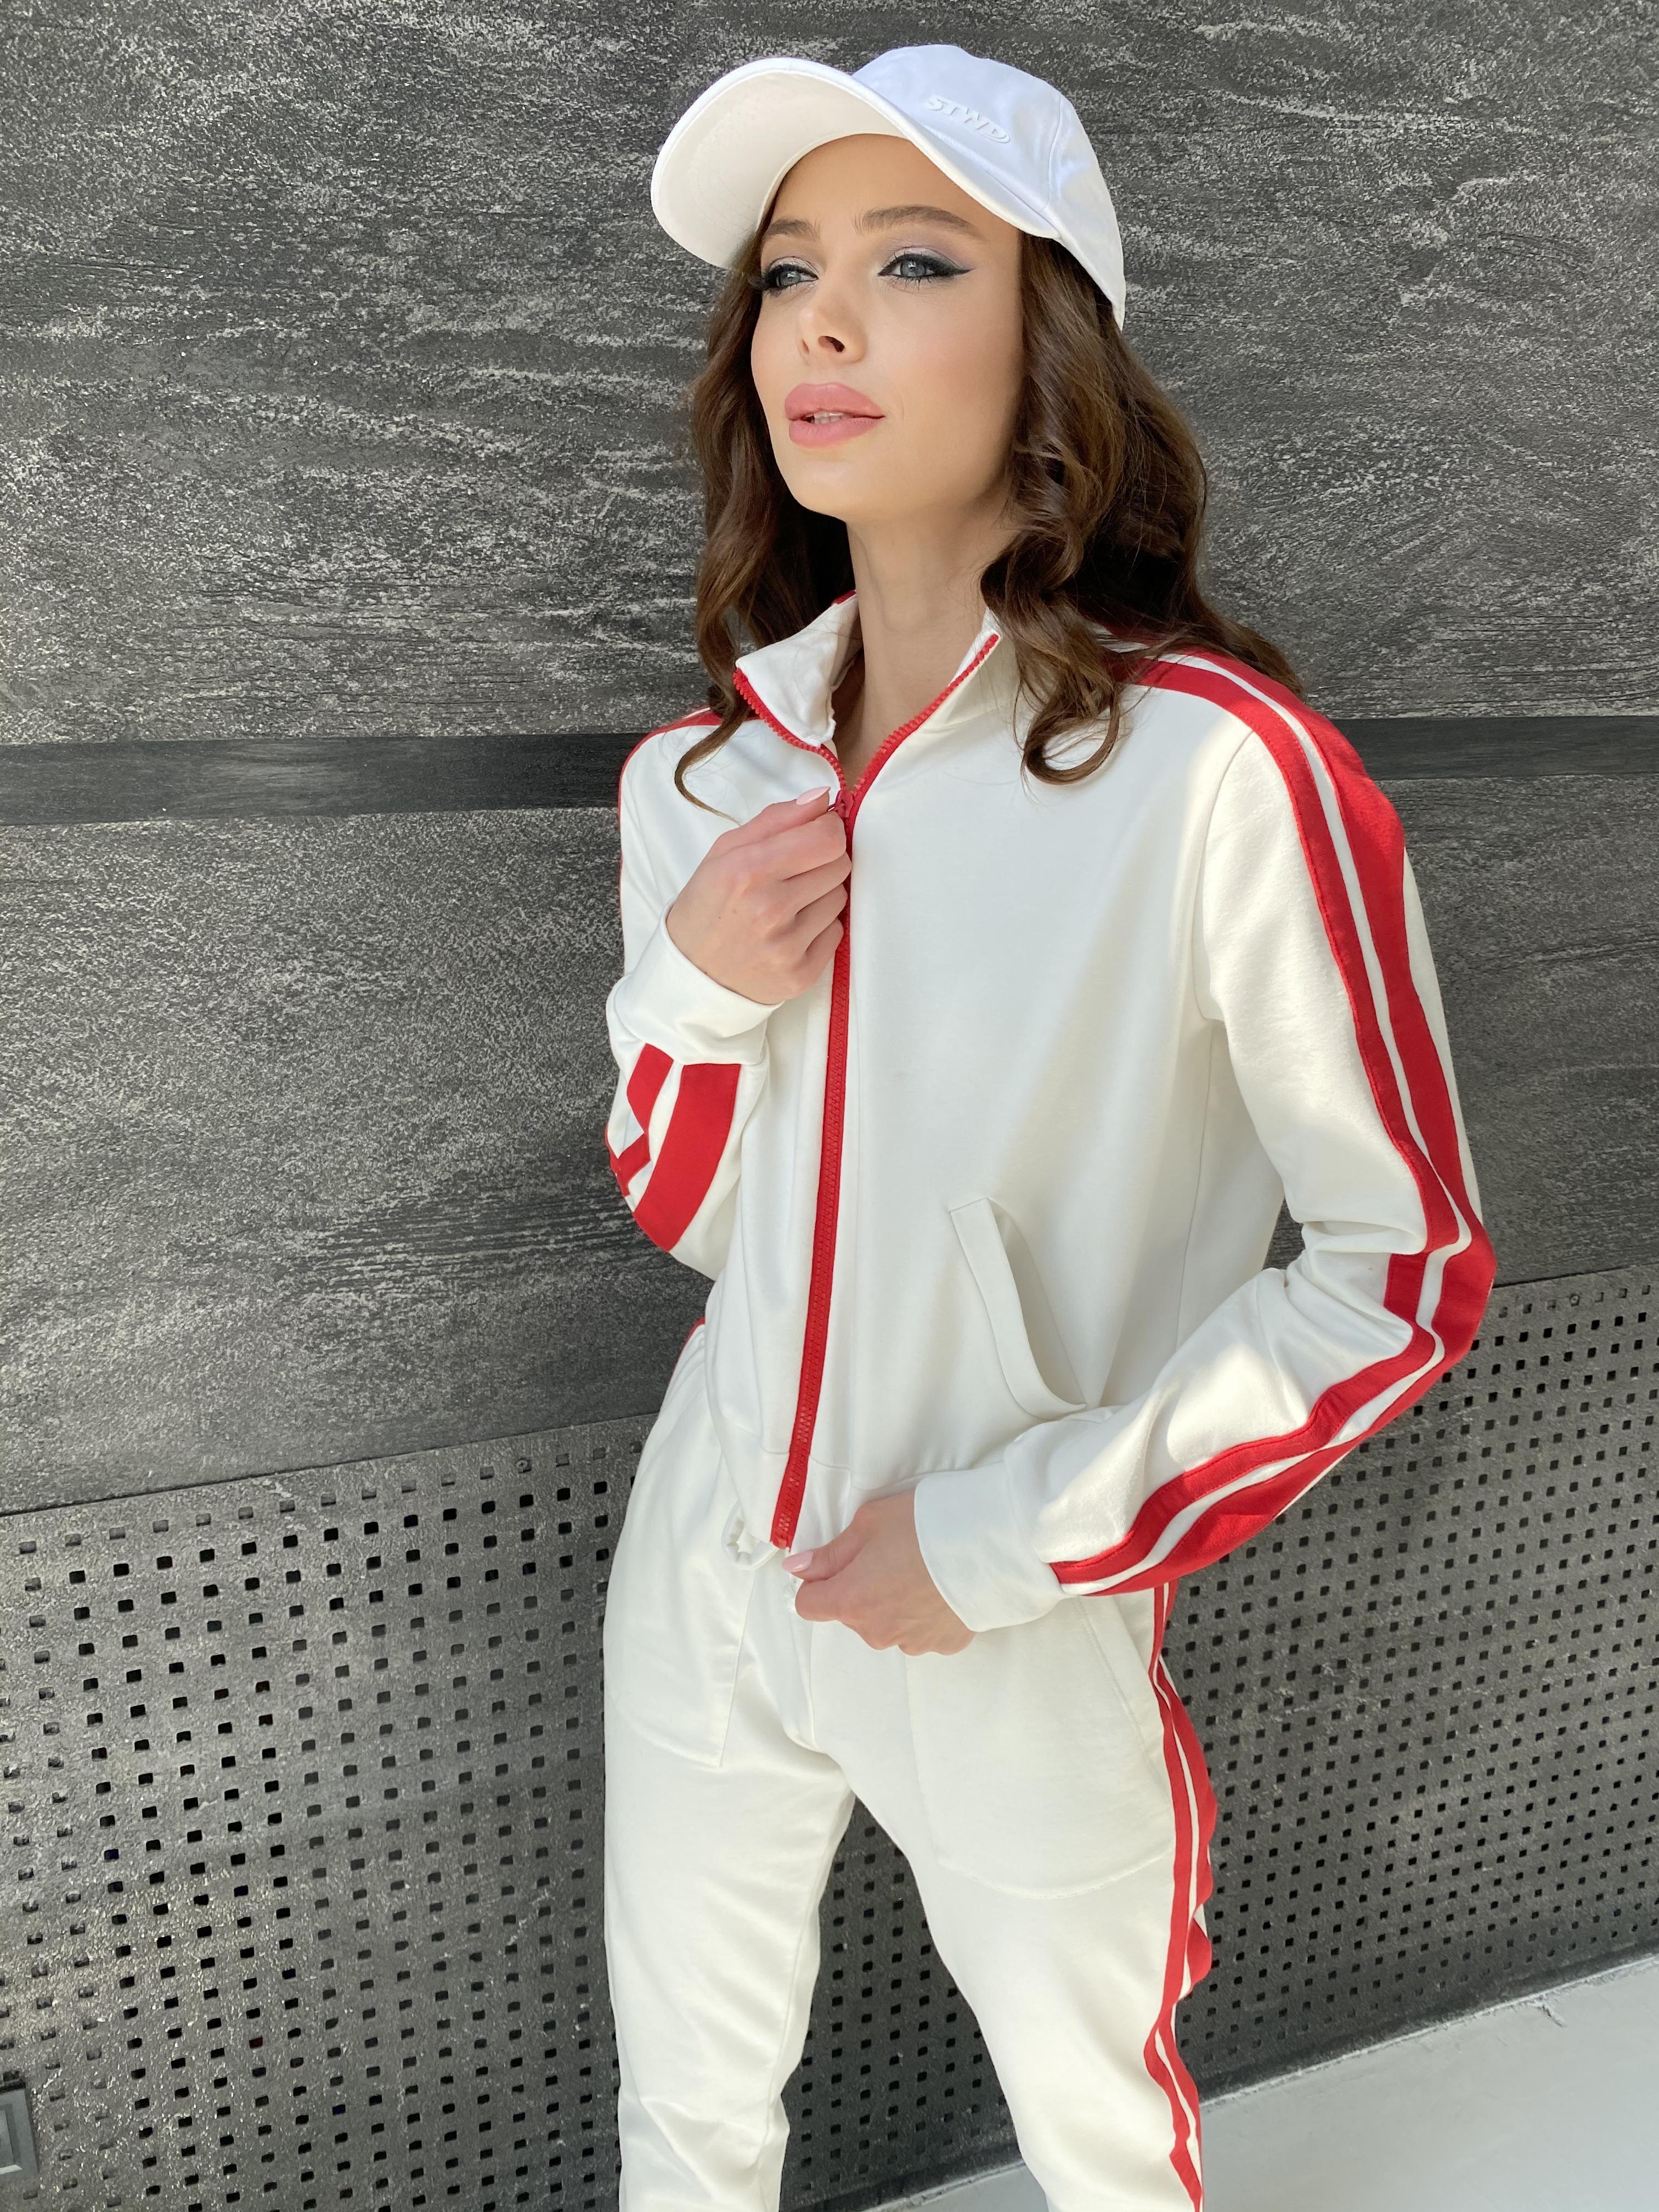 Камон костюм трикотажный из двунитки  9333 АРТ. 45761 Цвет: Молоко/красный - фото 11, интернет магазин tm-modus.ru